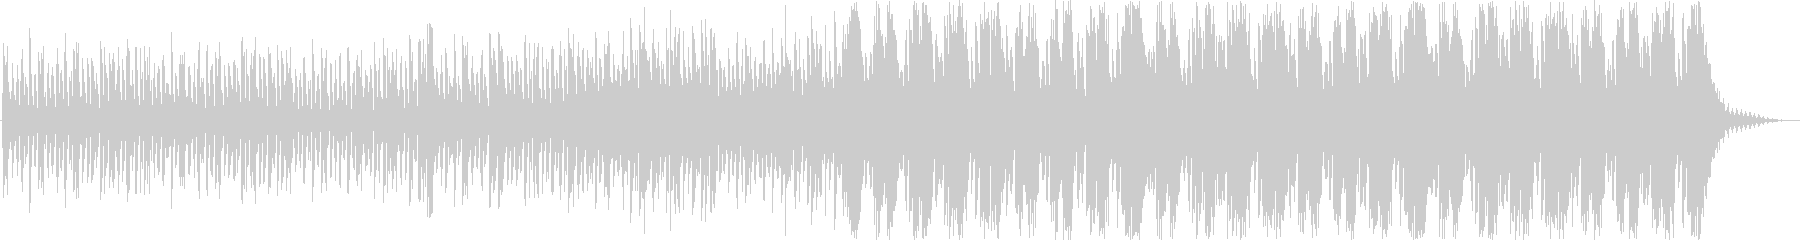 明るめなストリングスシネマティック曲の未再生の波形